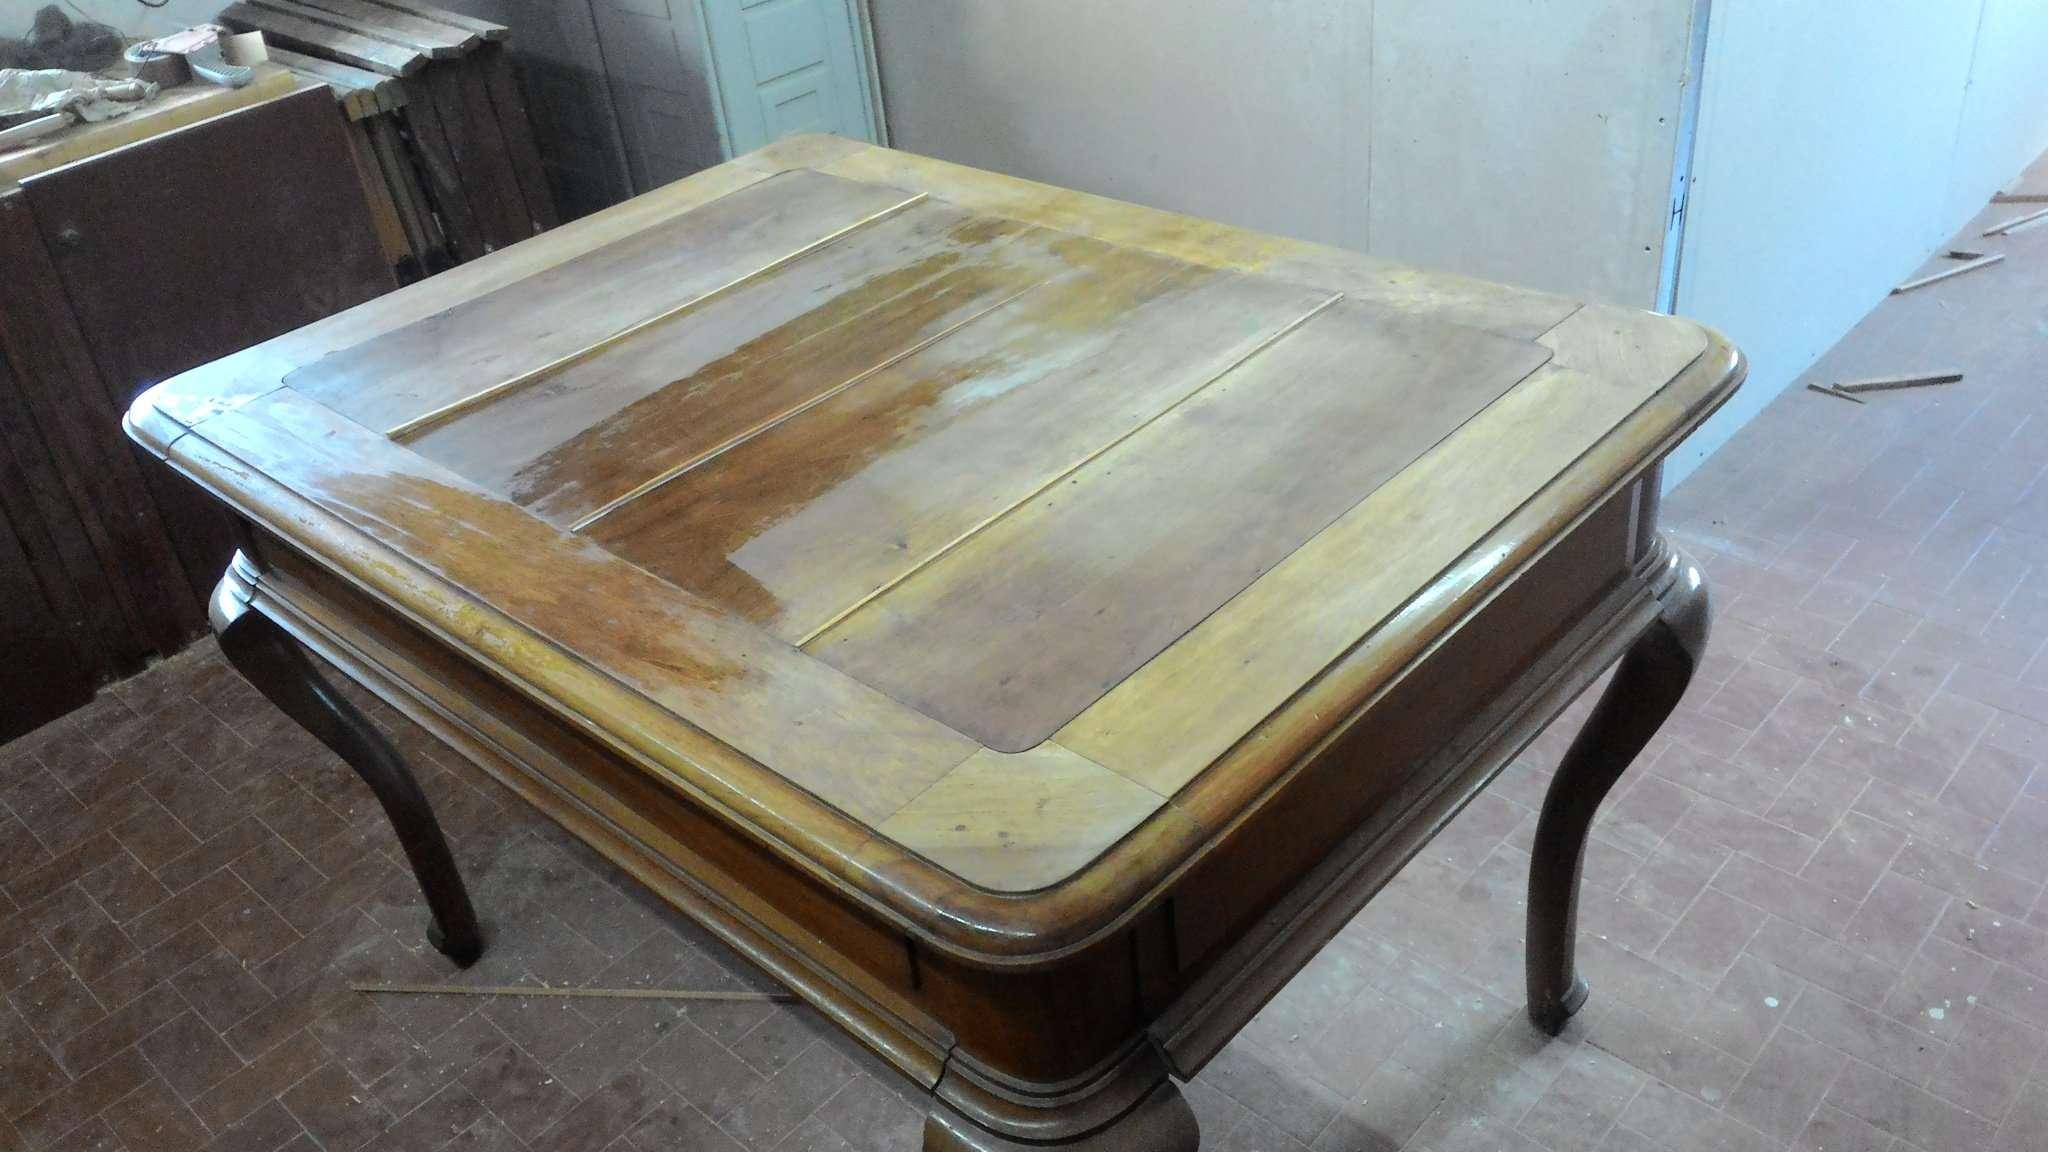 Wiederherstellung eines festen Tisch aus Nussbaum - RestauriRaia.com ...